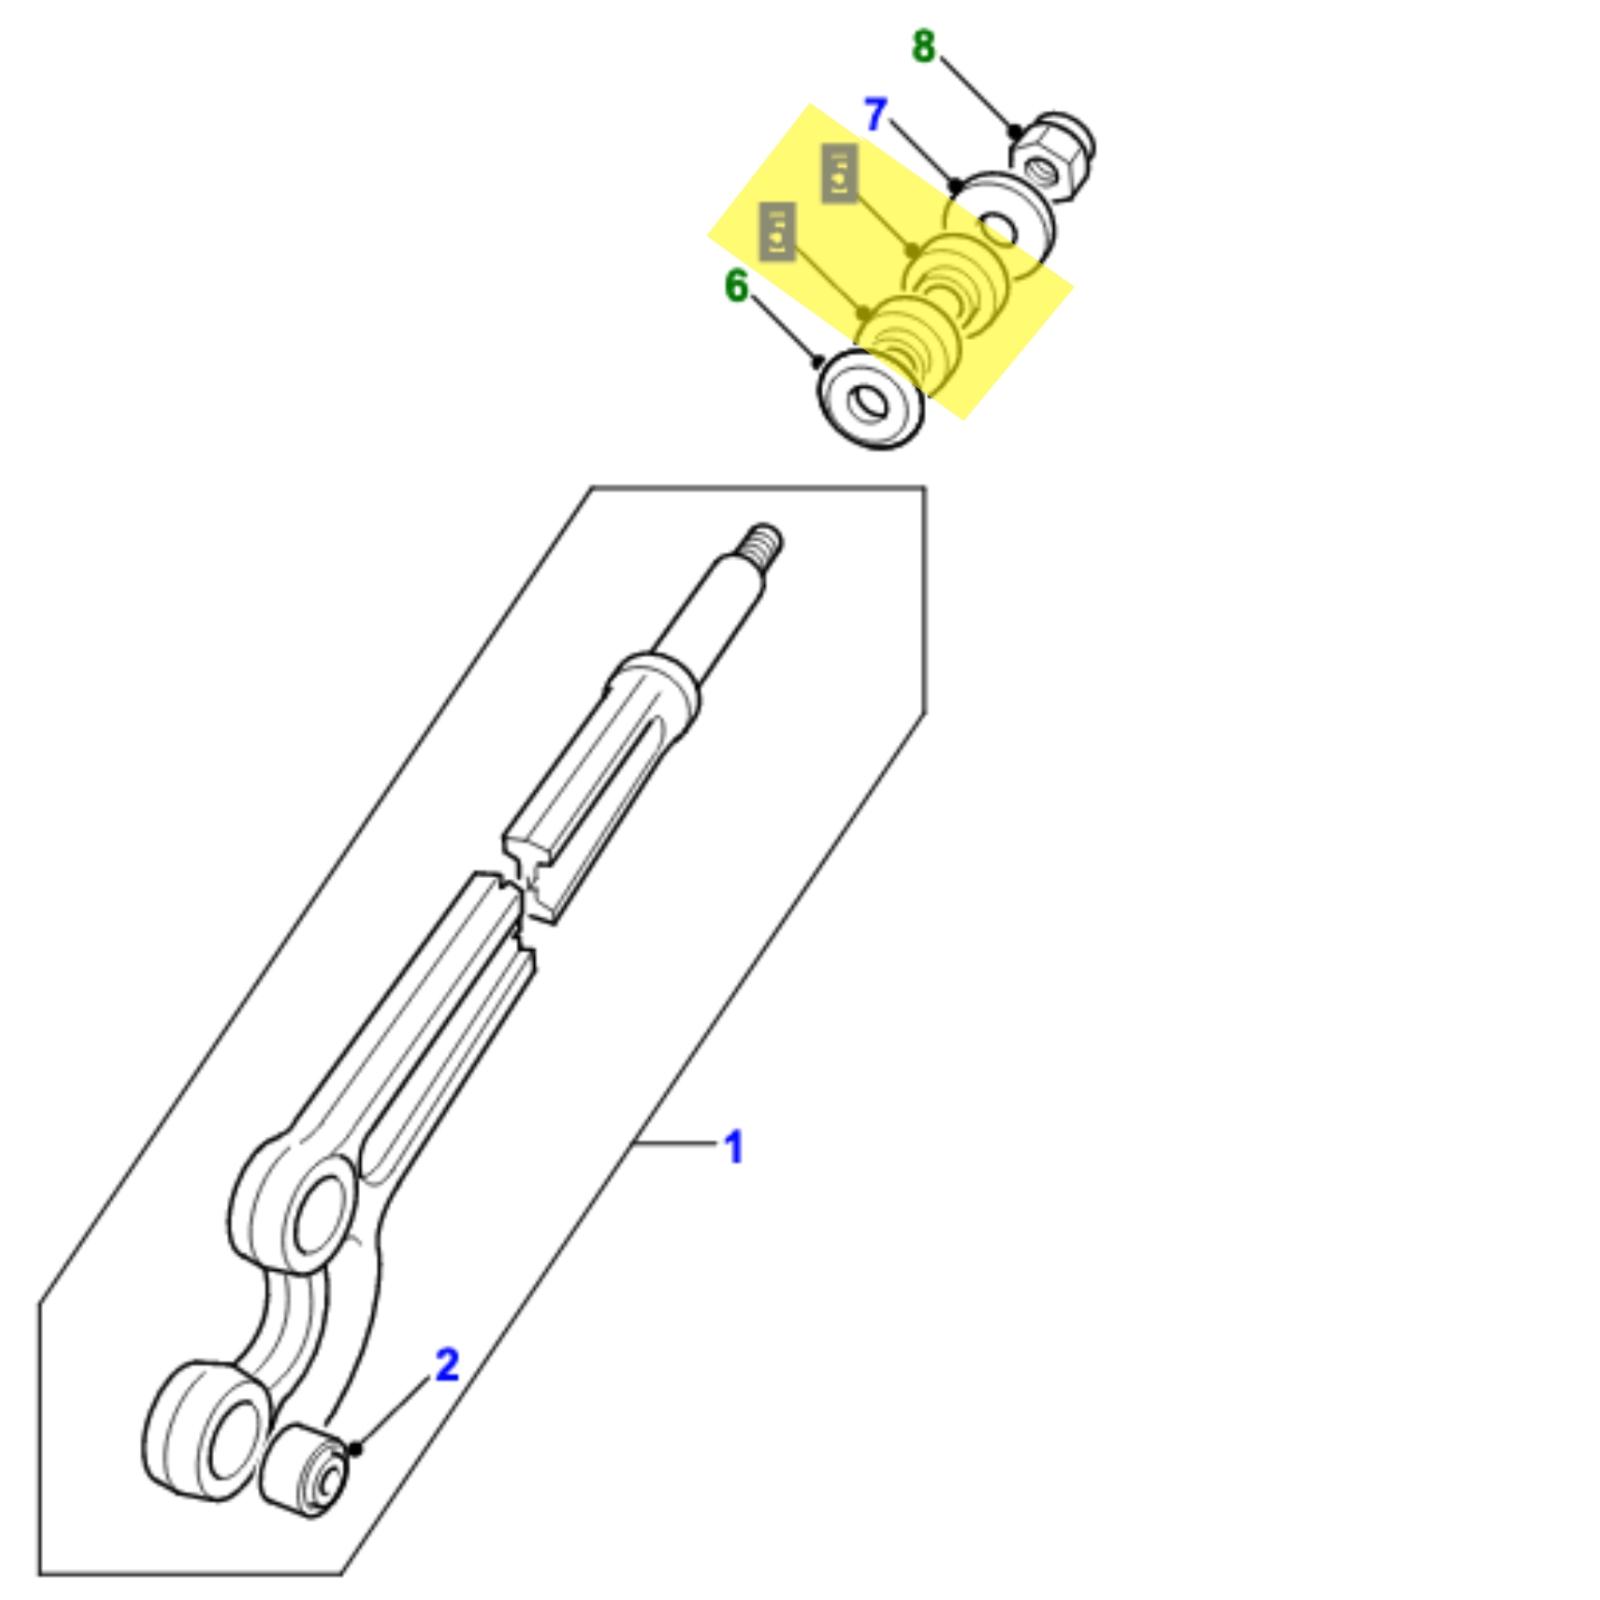 Kit boccole puntone anteriore per Land Rover Defender fino